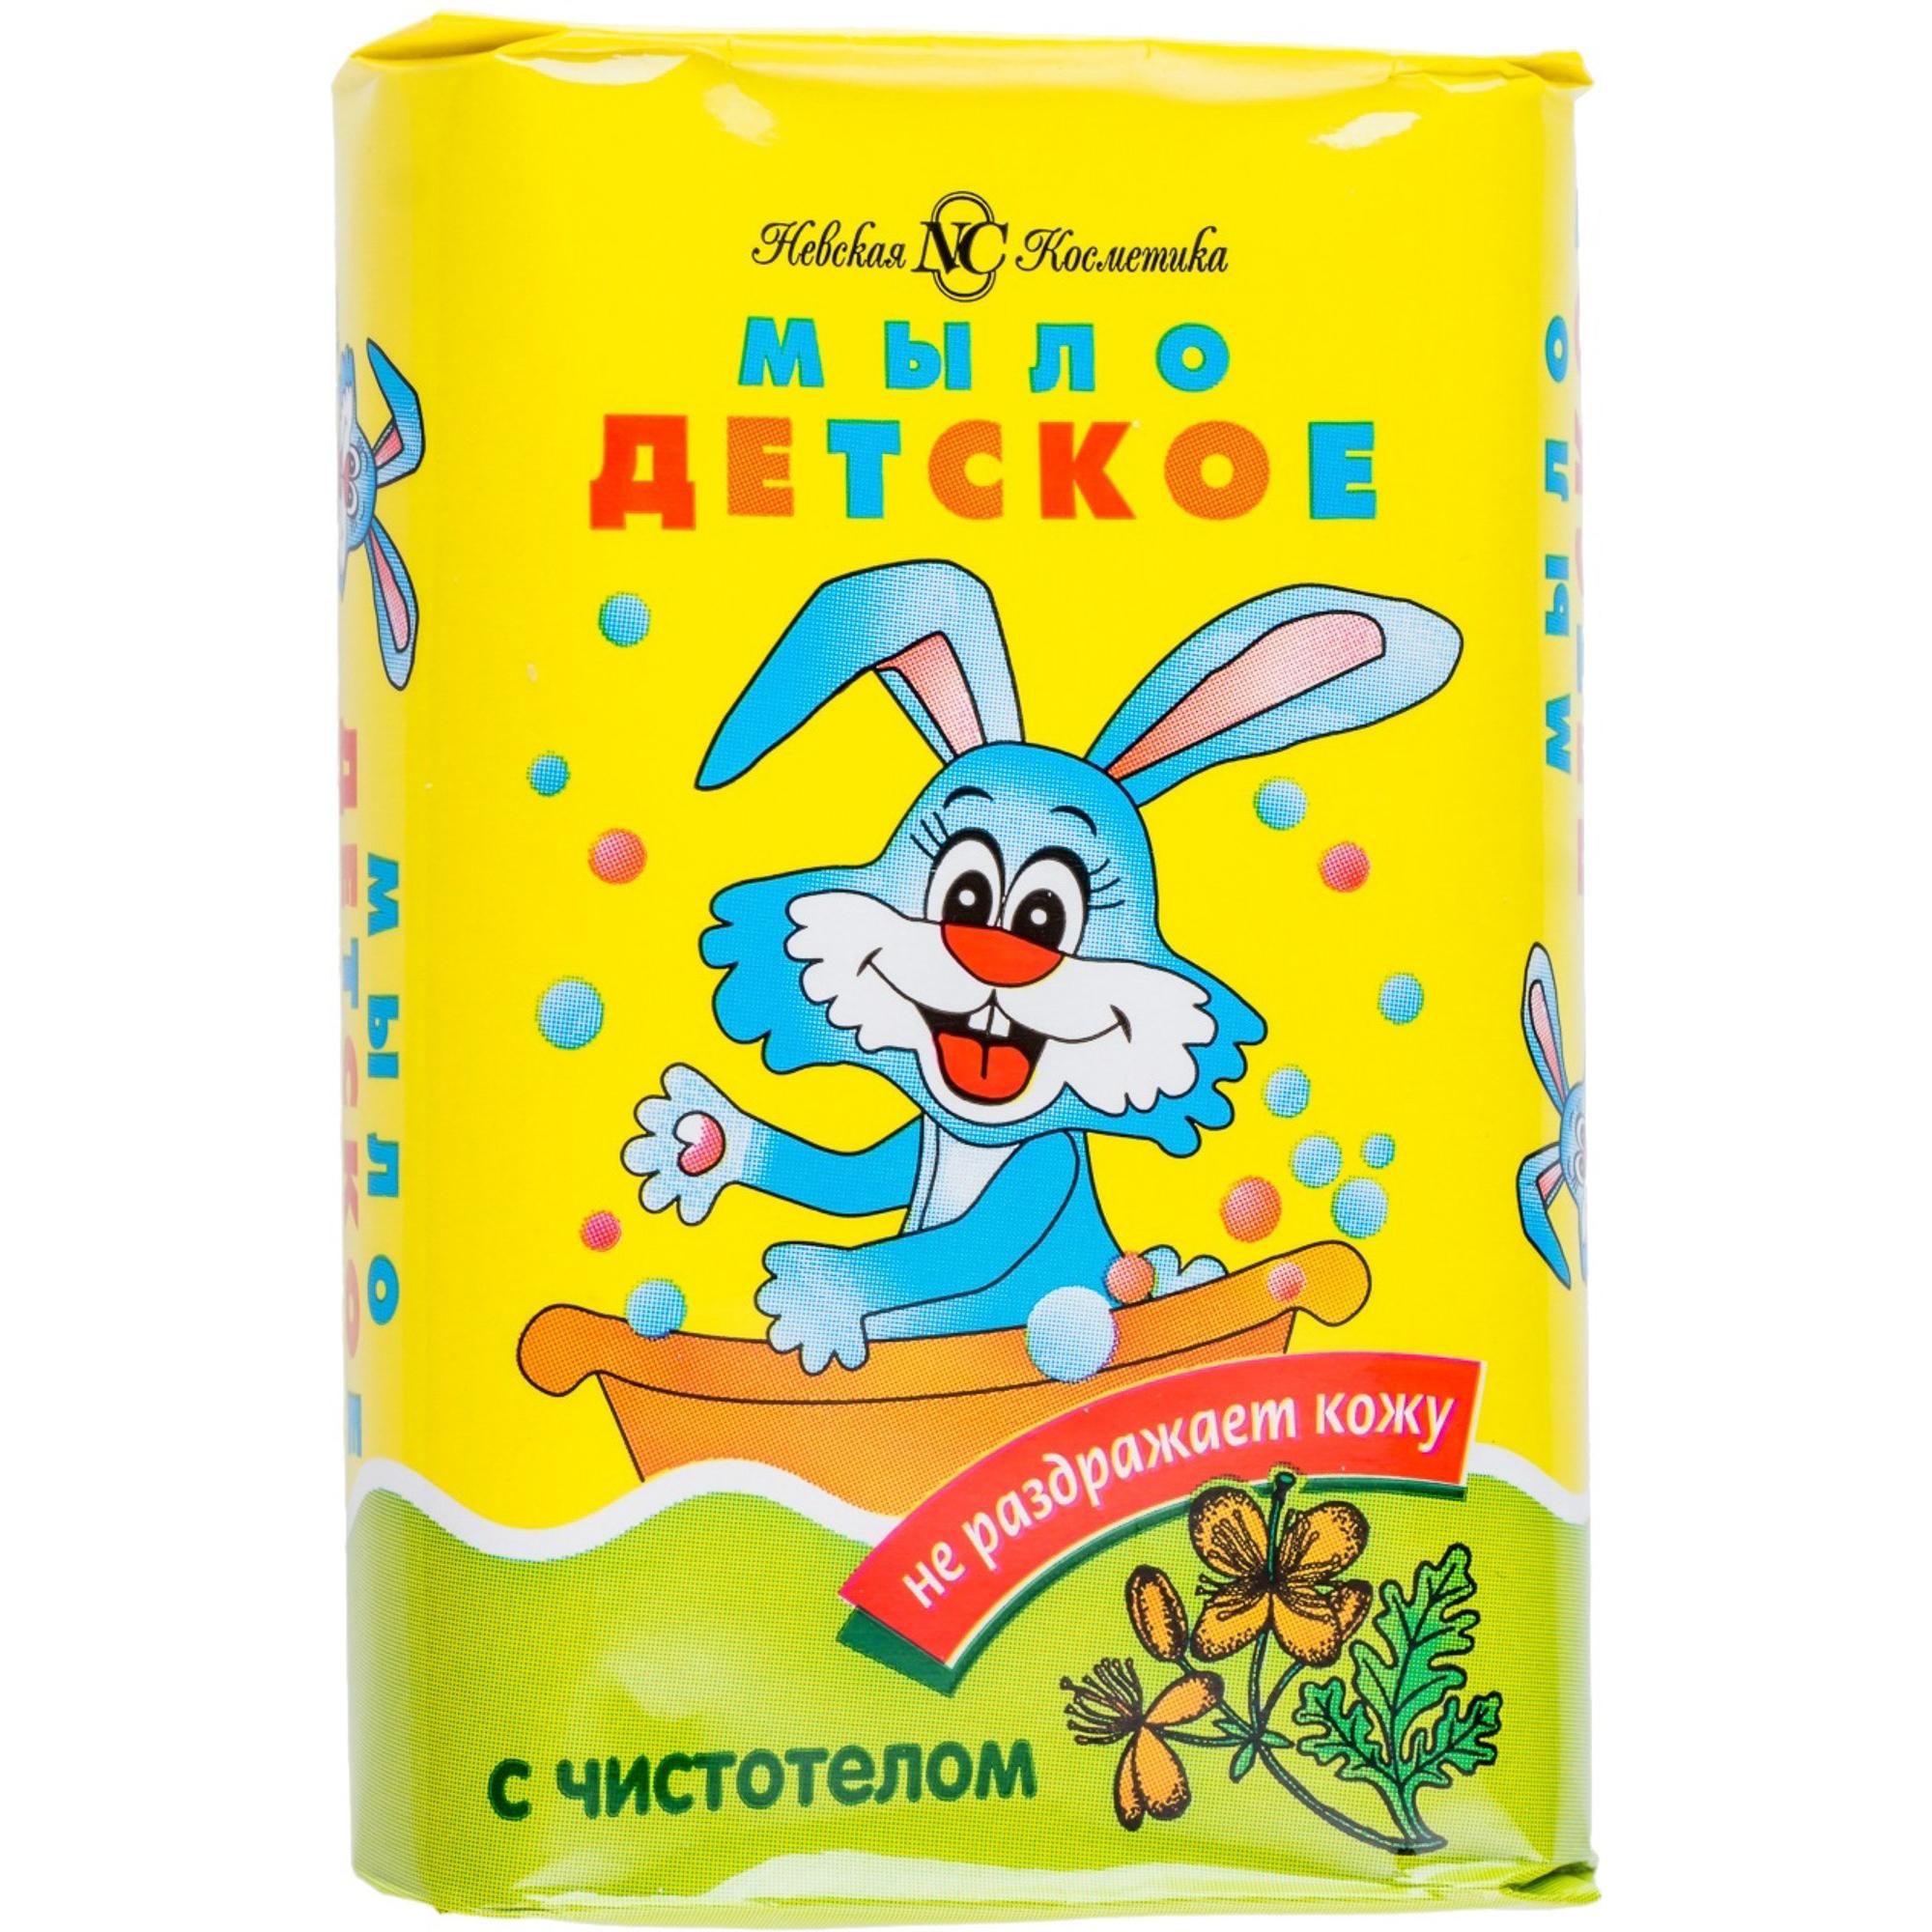 Детское мыло Невская Косметика С чистотелом 90 г